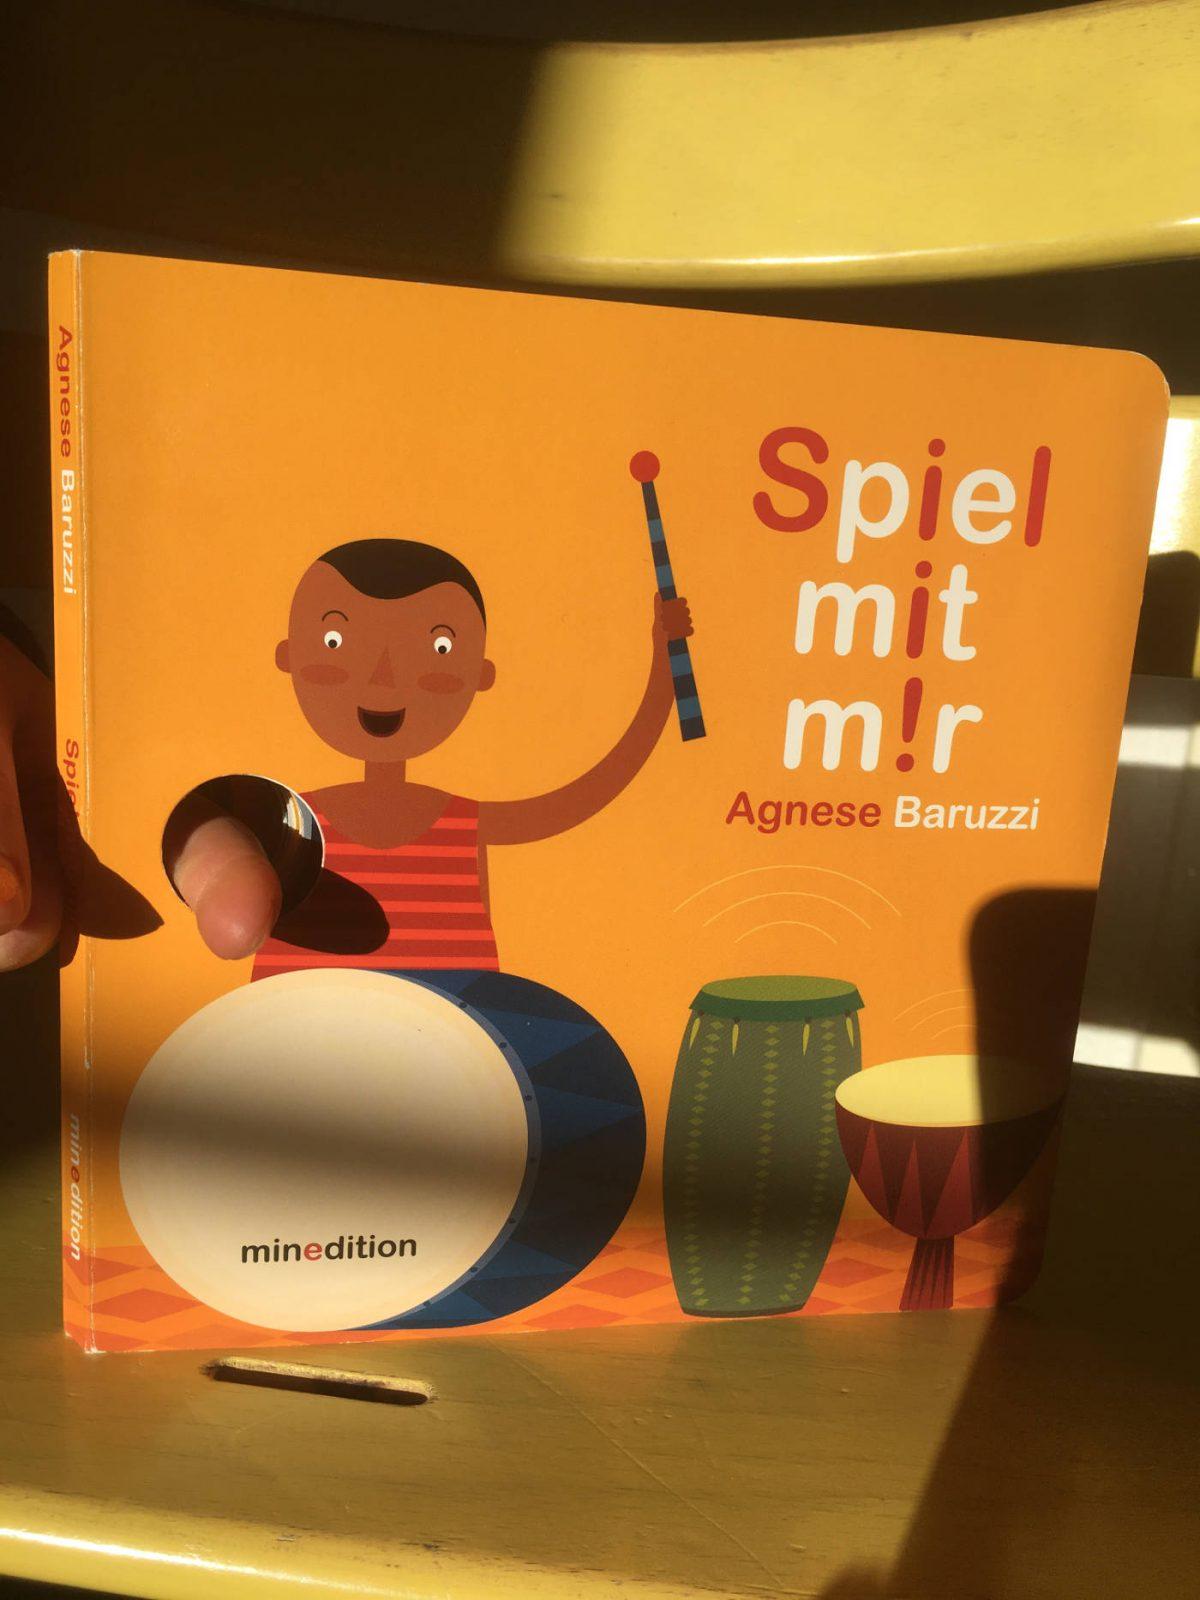 Agnese Baruzzi: Spiel mit mir!